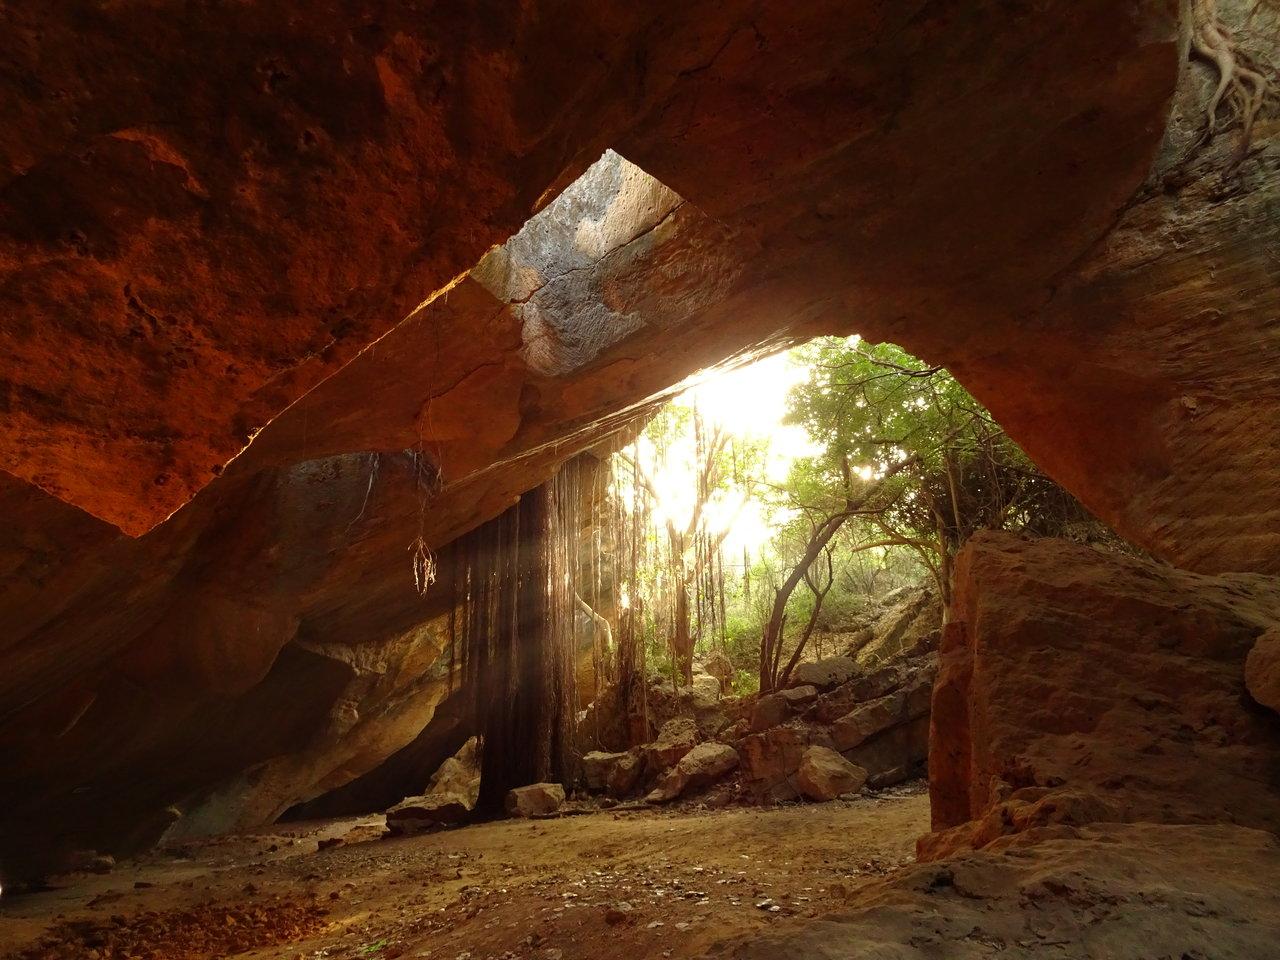 Naida Caves - lights playing